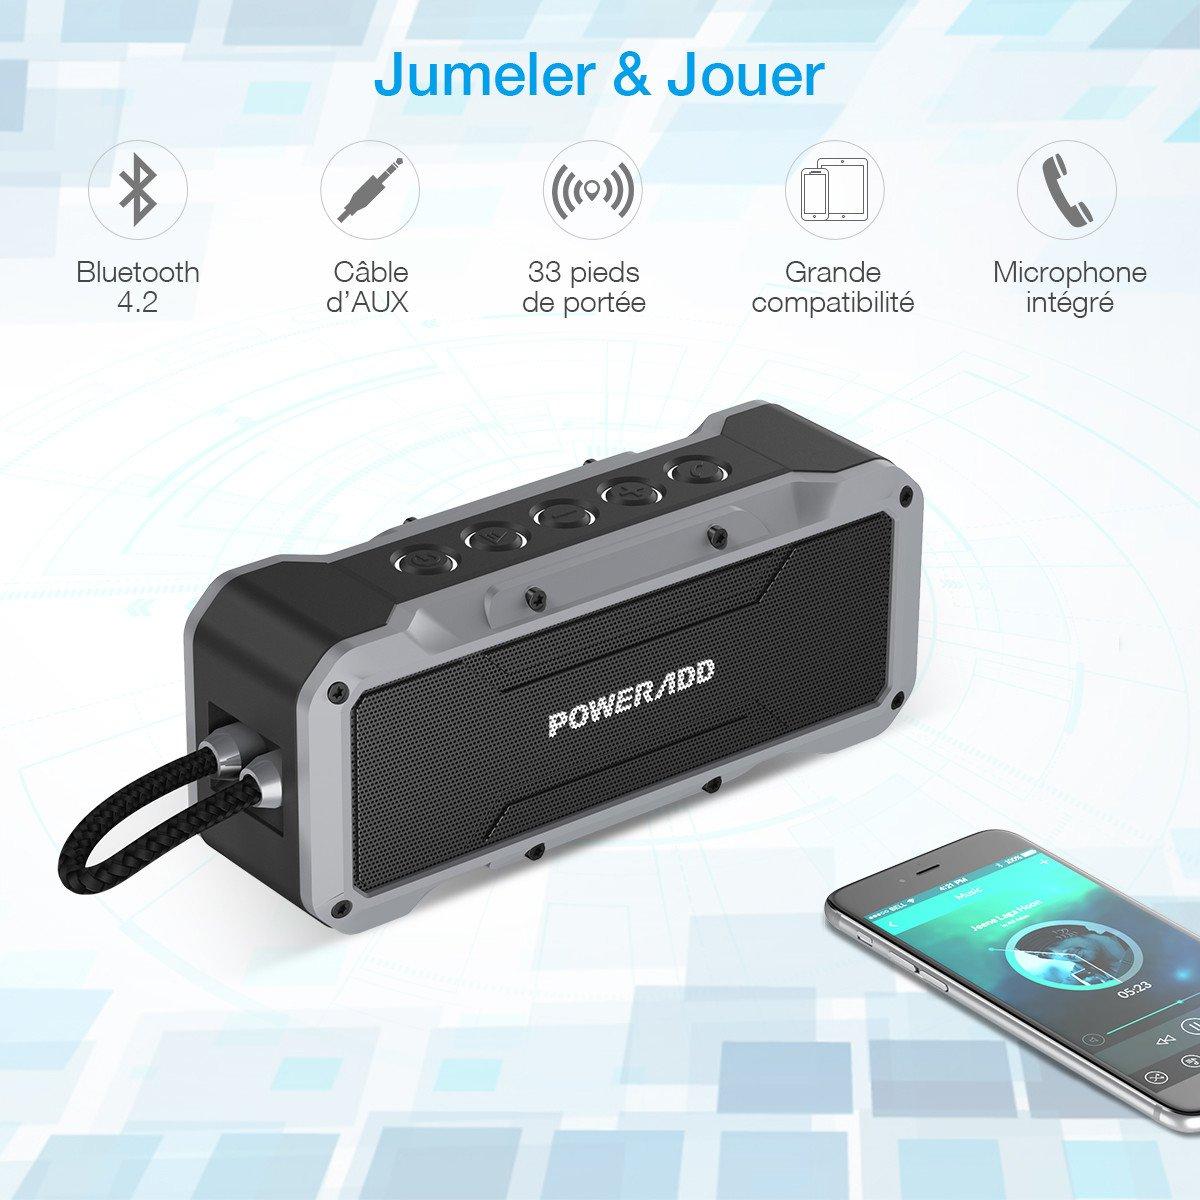 POWERADD Musicfly Enceinte Bluetooth Etanche Haut Parleur Portable Basse Perfomante Niveau Imperméable IPX7 Connexion Sans Fil et Câble AUX avec Fonction Main Libre pour Android, iPhone et Autres Appareils Bluetooth